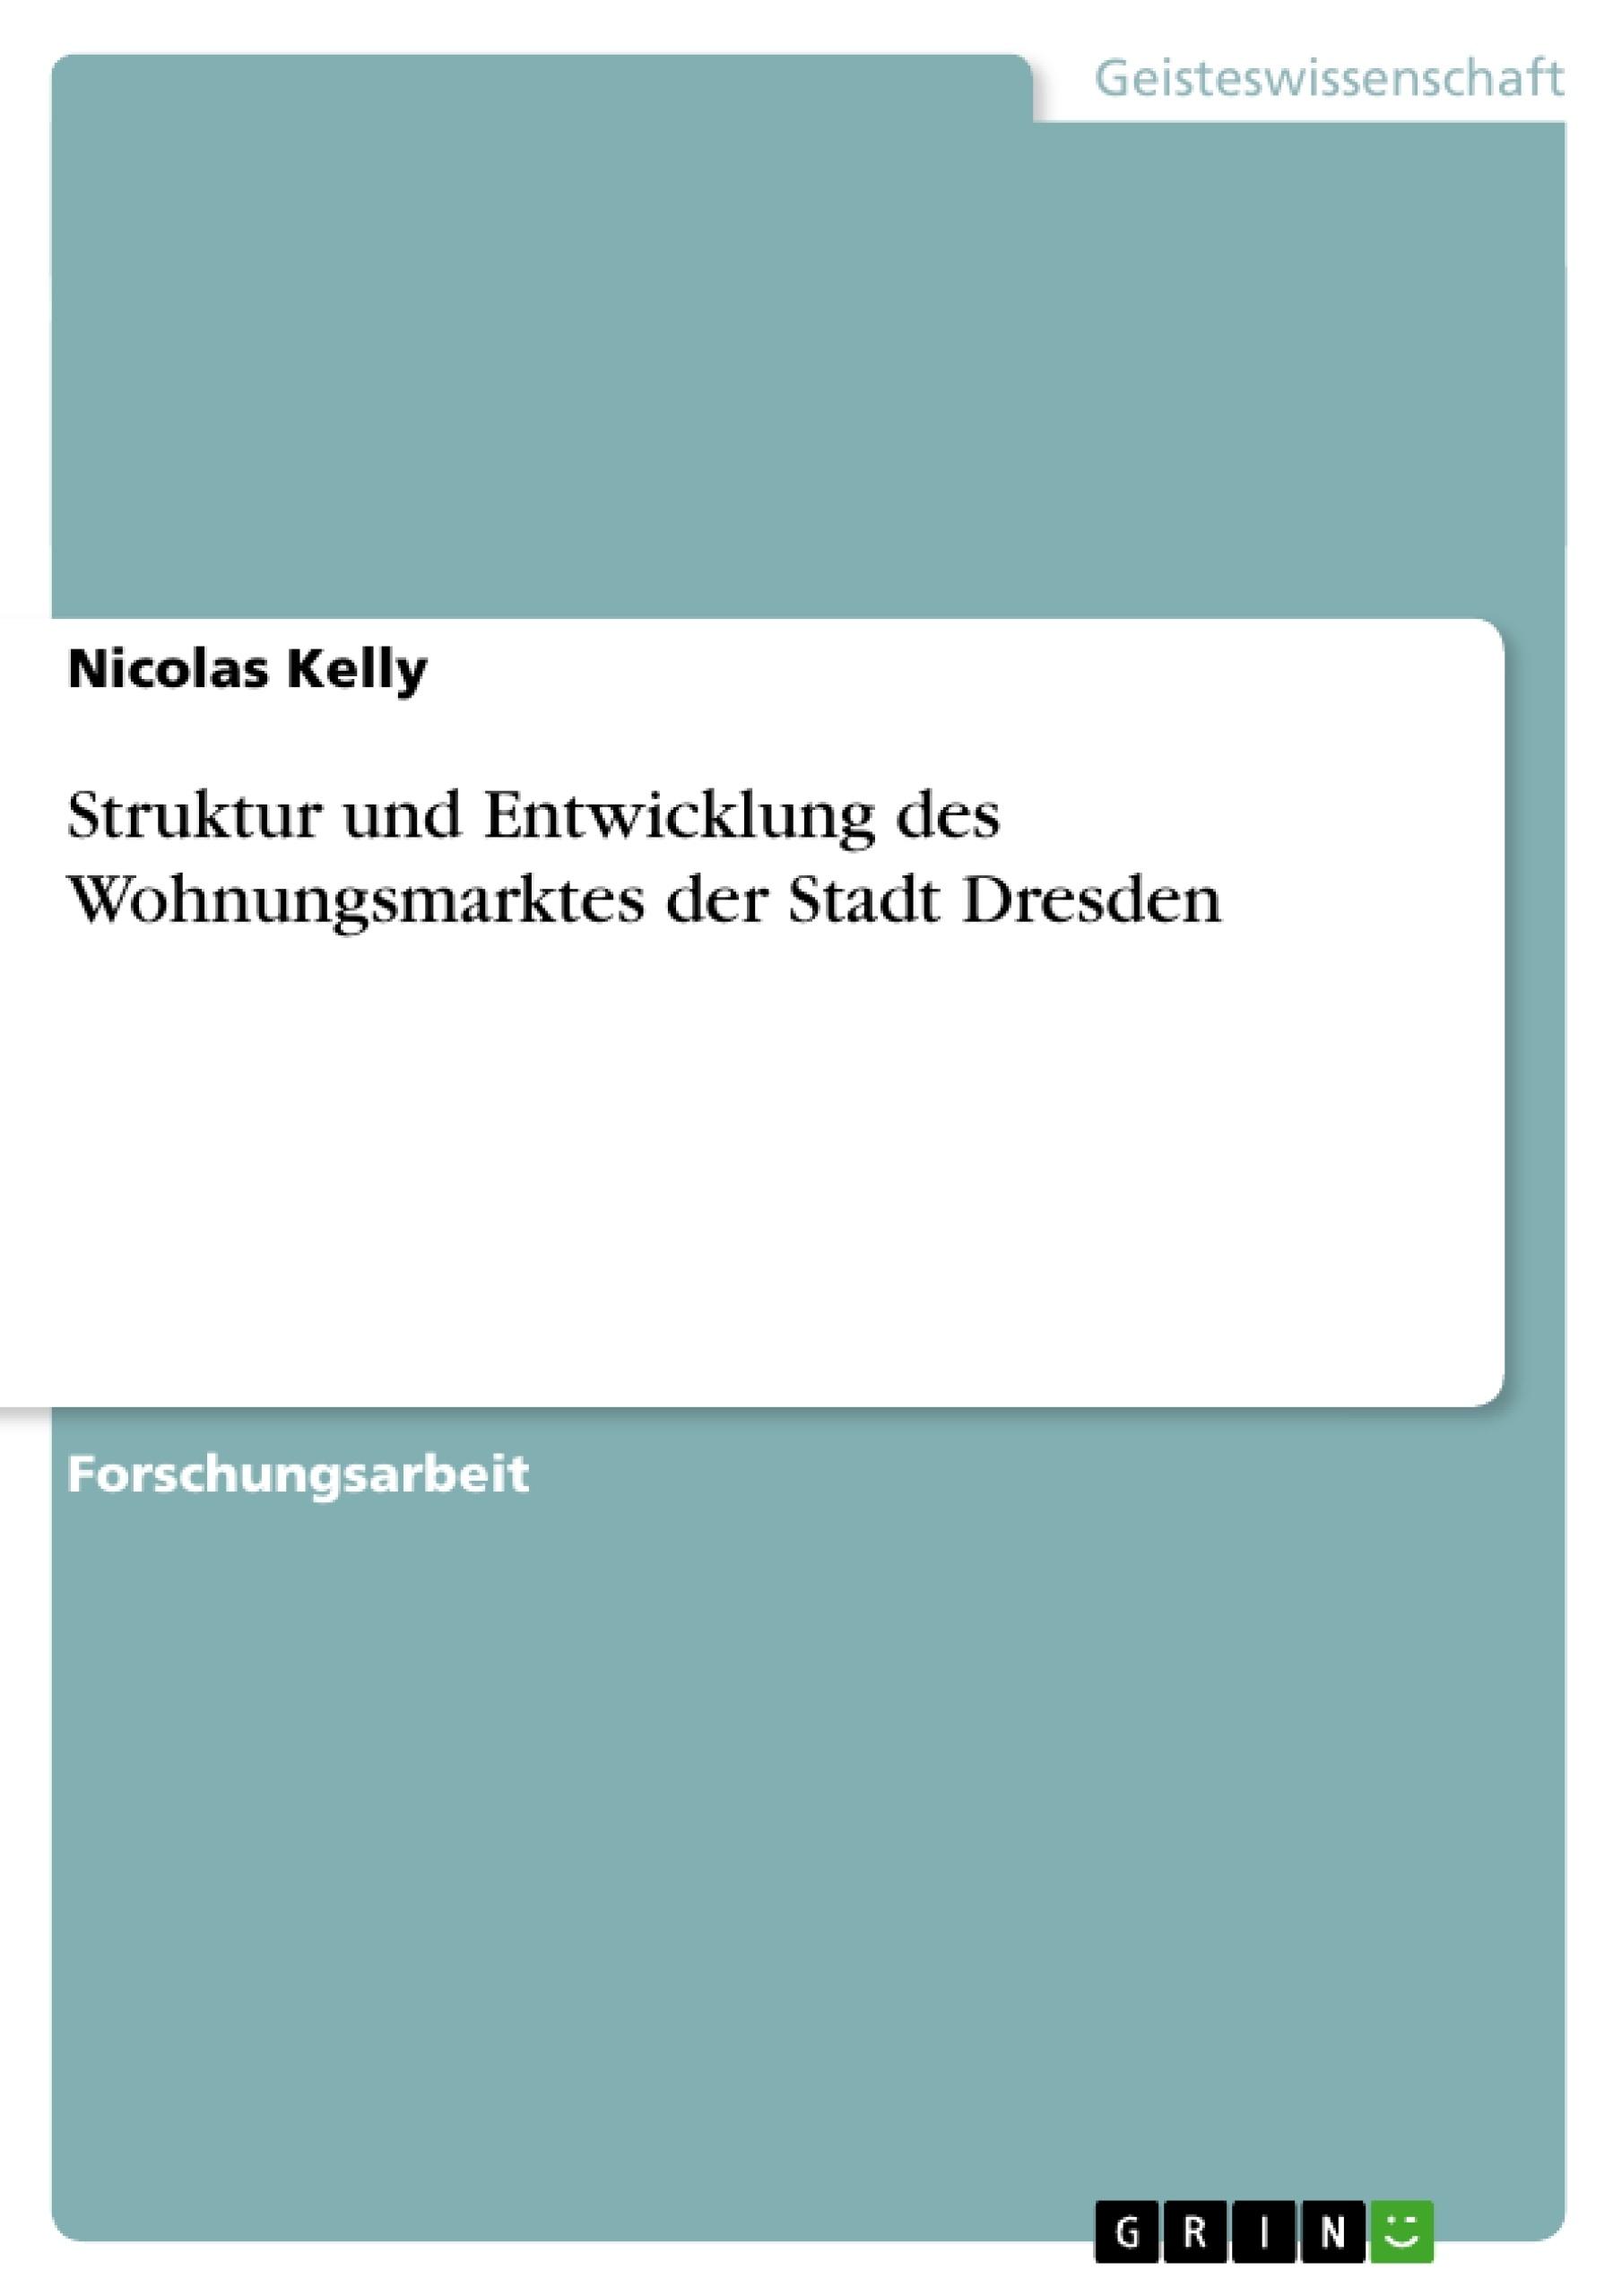 Titel: Struktur und Entwicklung des Wohnungsmarktes der Stadt Dresden